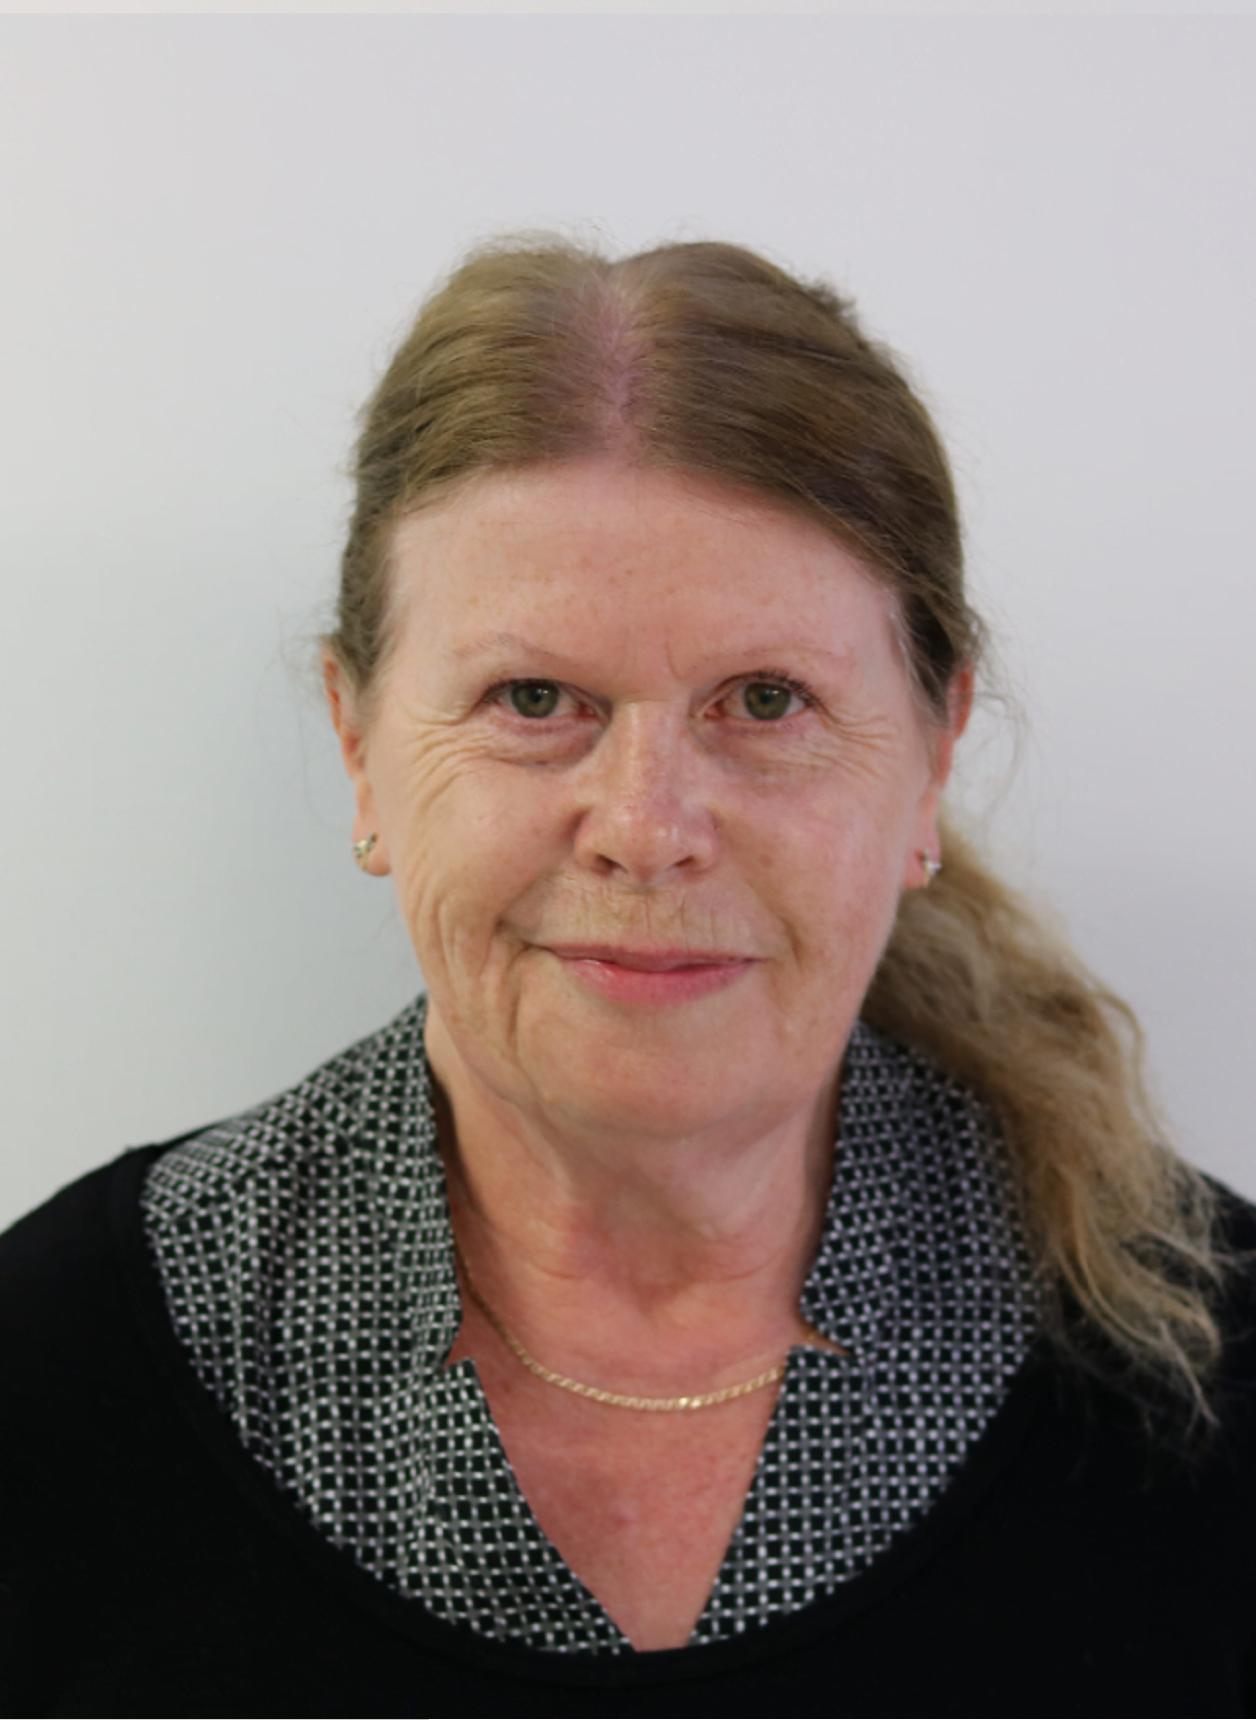 Sheila Exton